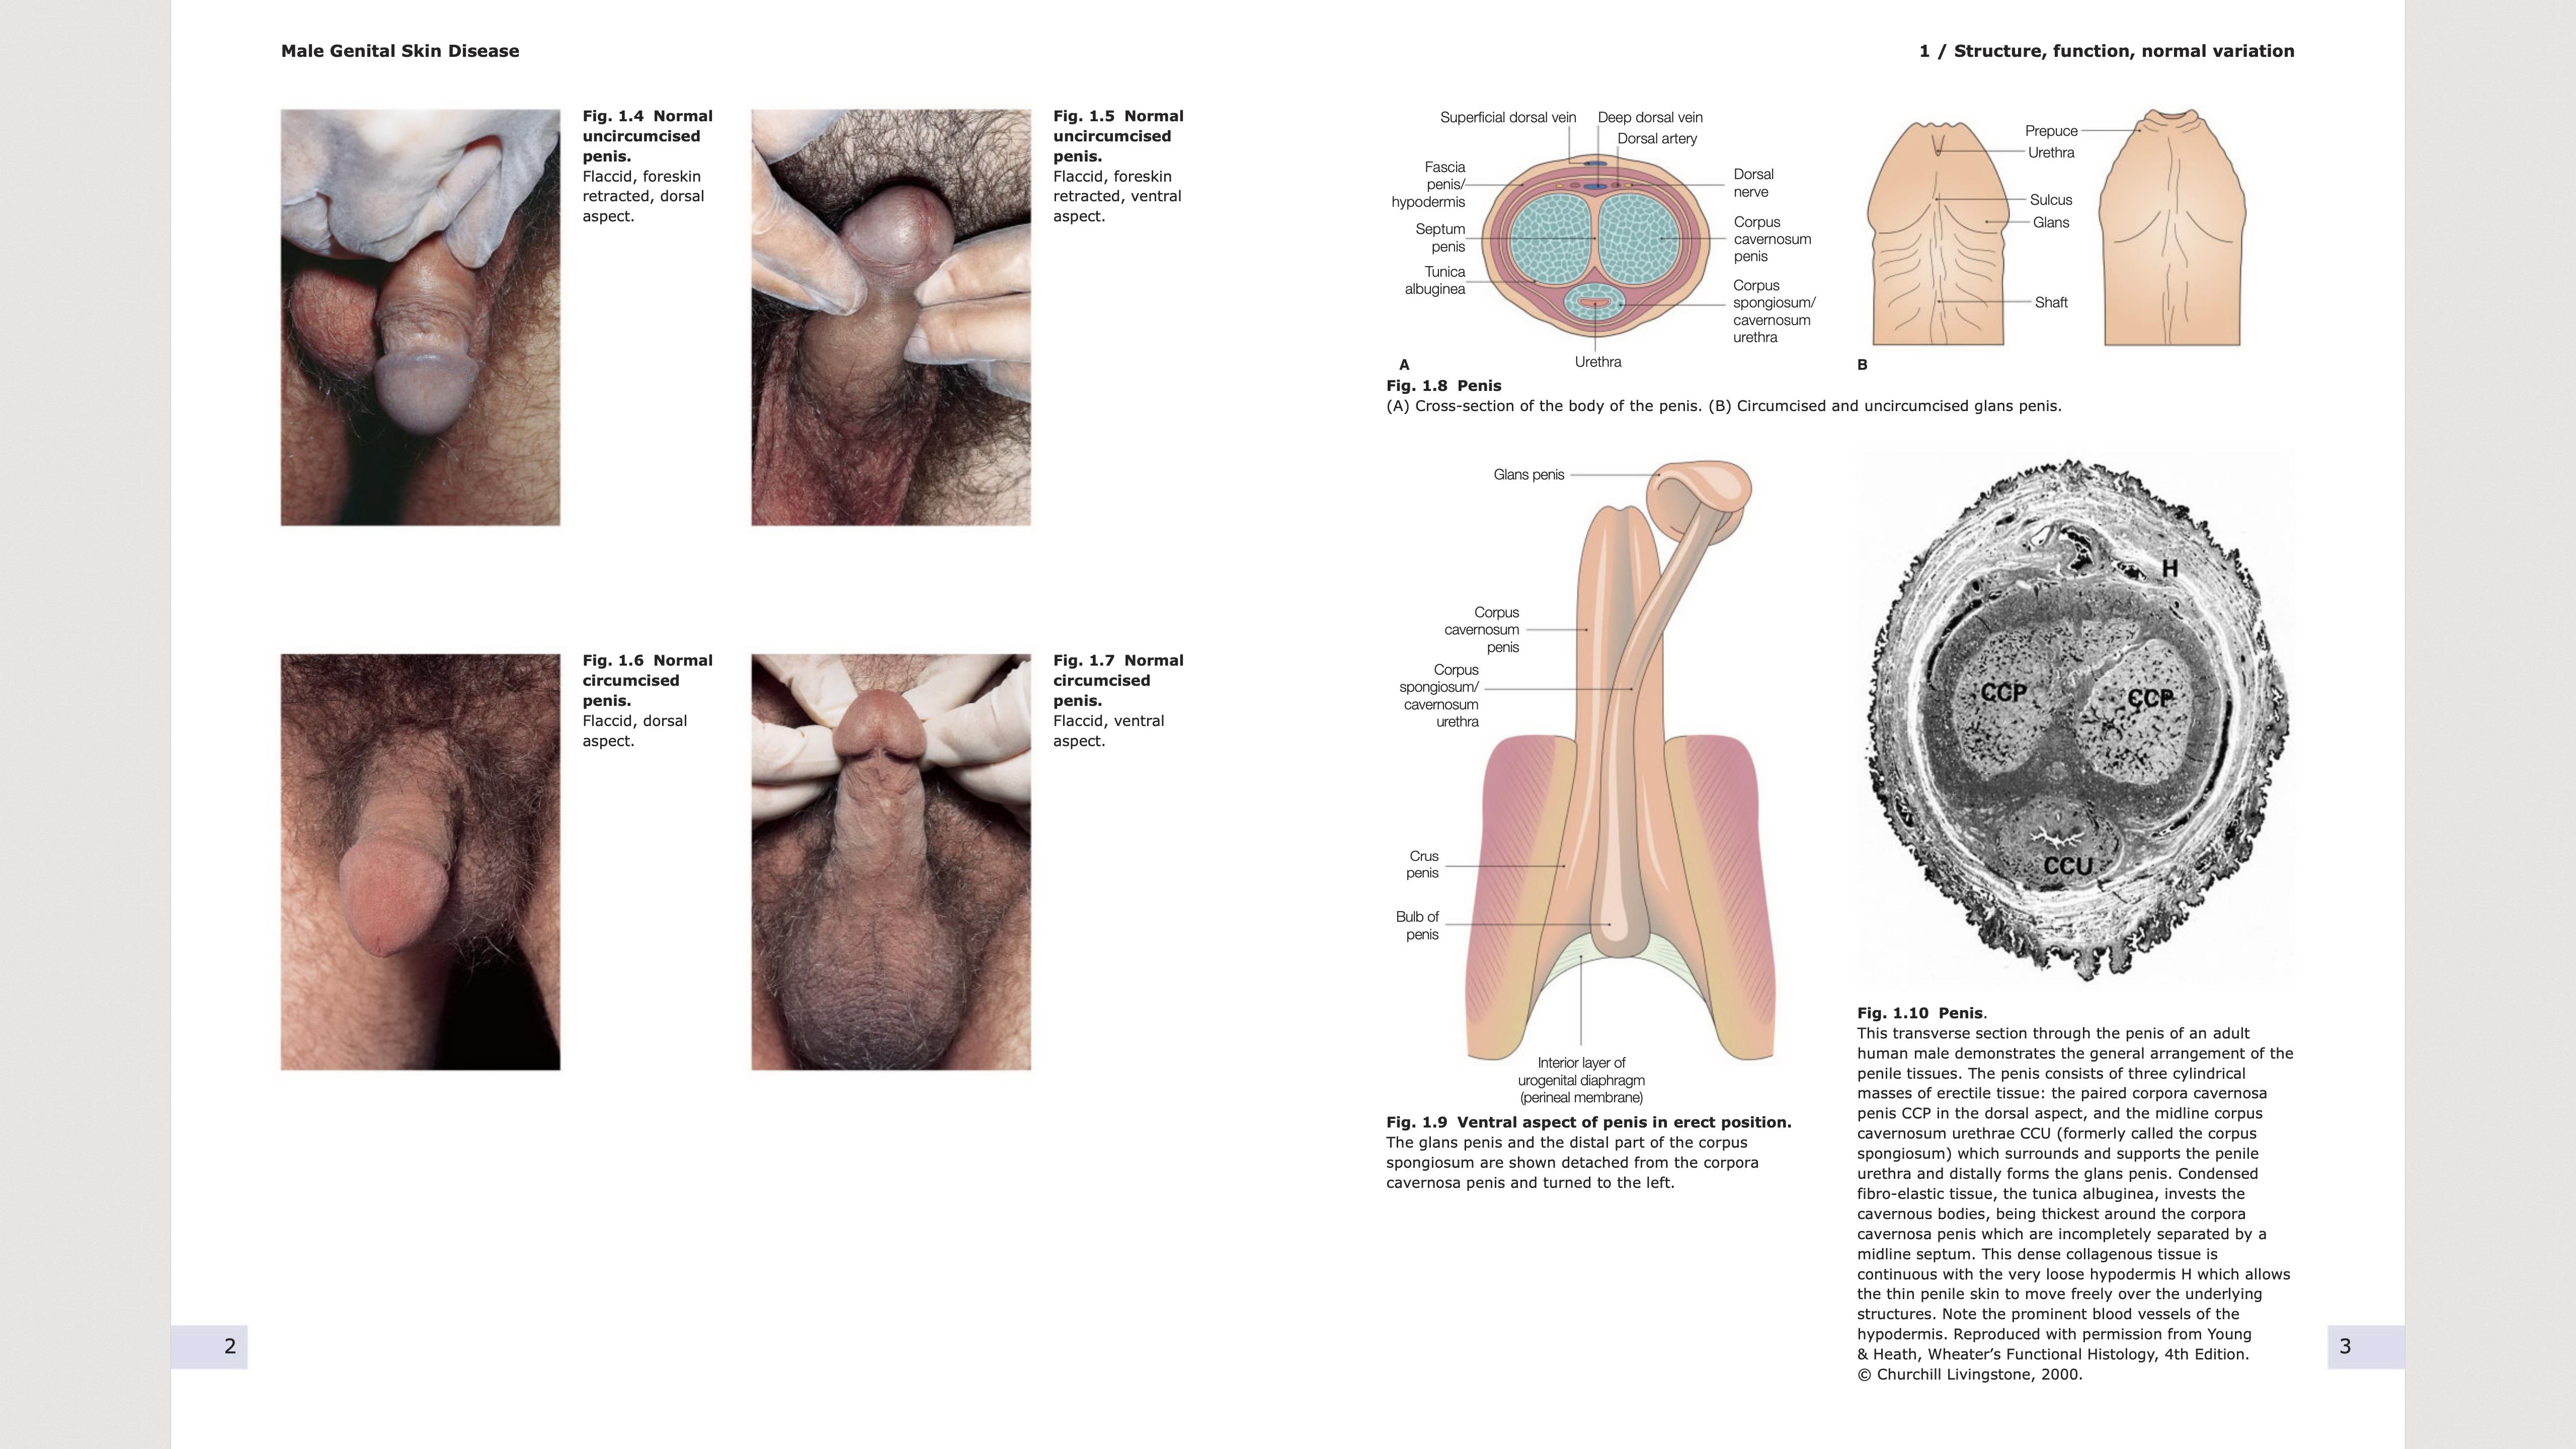 Male Genital Skin Disease pages 2-3